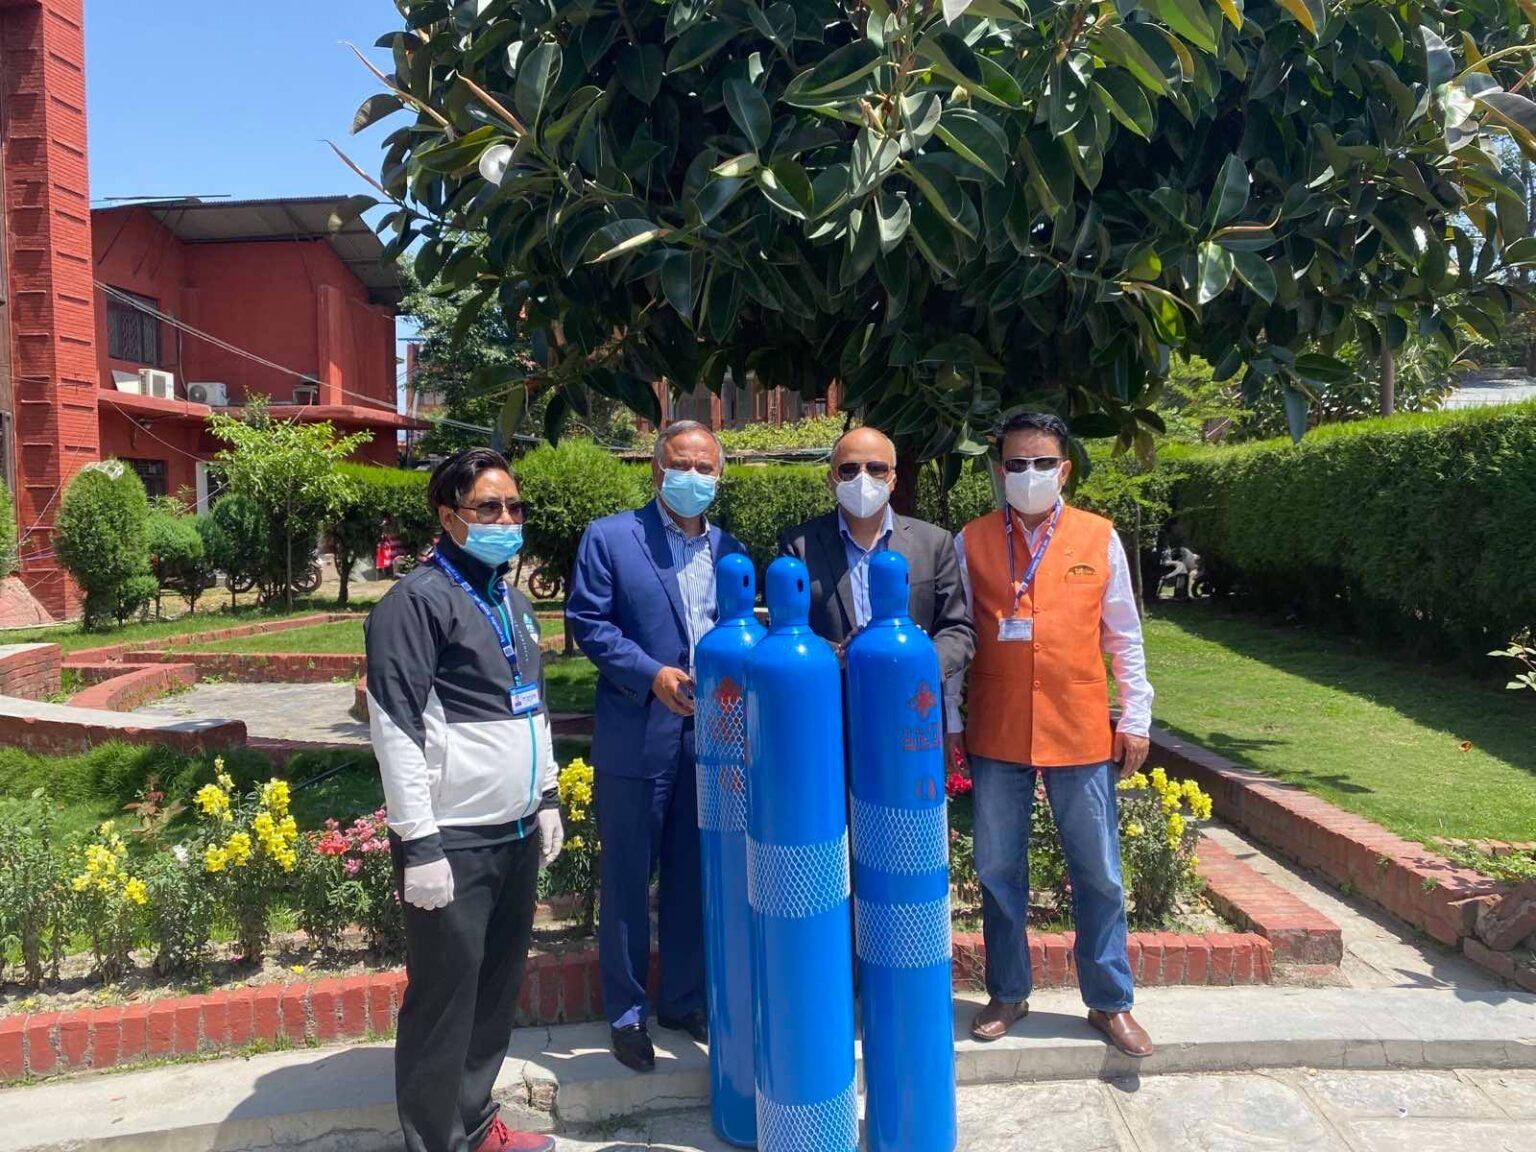 एनआरएनएले सुरु गरेको 'नेपालमा अक्सिजन पठाऔँ, आफन्तको ज्यान बचाऔँ' अभियानमार्फत नेपाल ल्याइएका ५६० थान अक्सिजन सिलिण्डर नेपाल सरकारलाई हस्तान्तरण